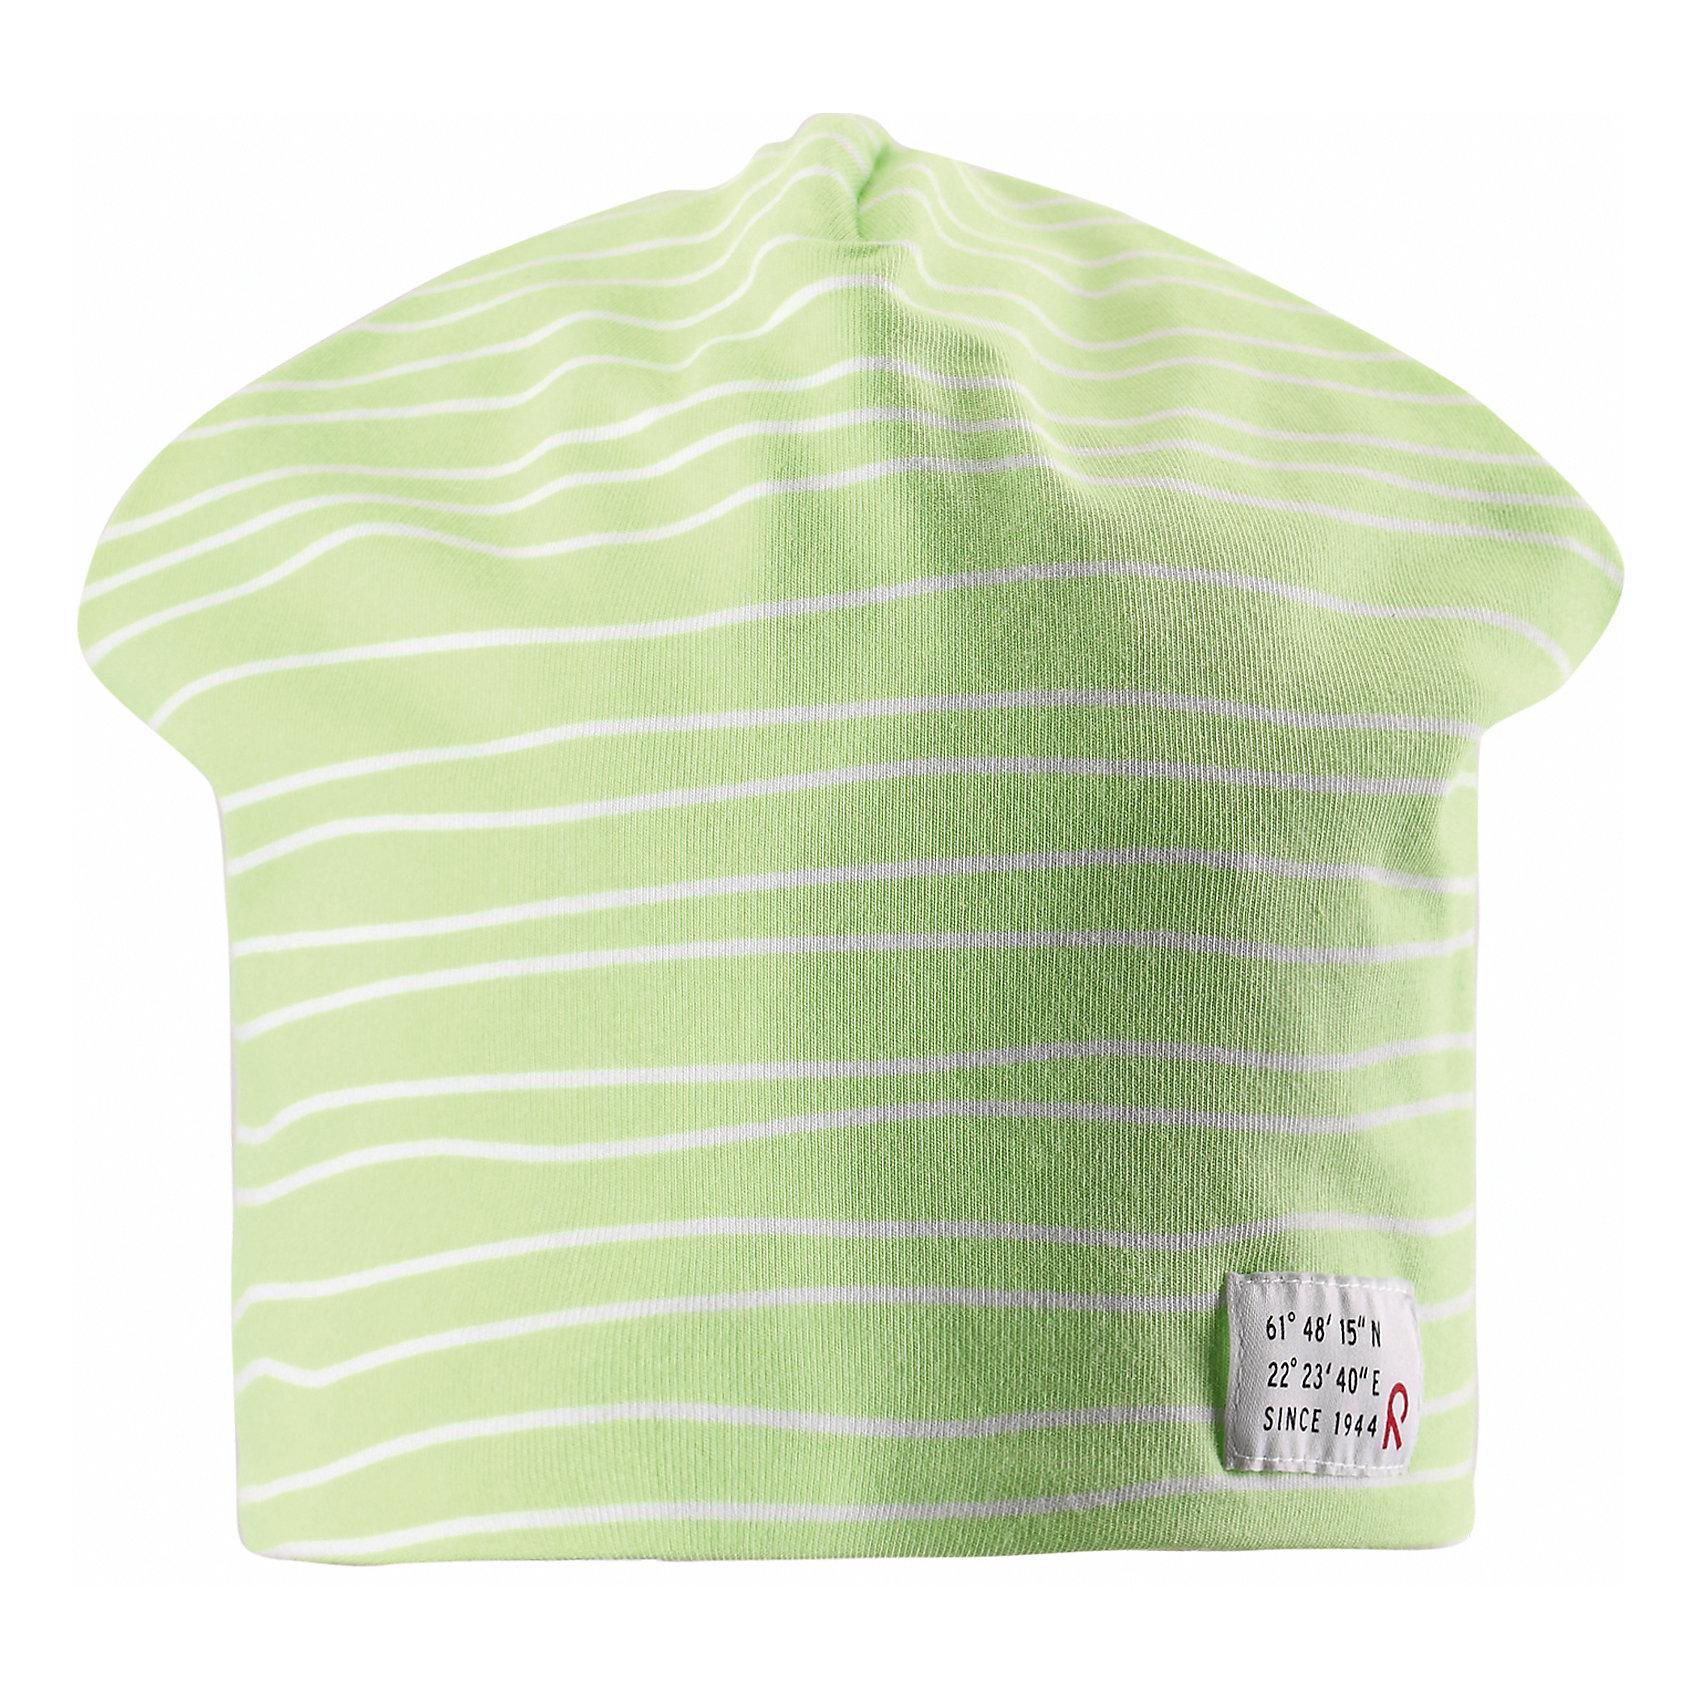 Шапка ReimaЭта эффектная шапочка свежей расцветки для малышей и детей постарше — великолепный выбор для всех маленьких покорителей природы! Шапочка изготовлена из простого в уходе и быстросохнущего материла Play Jersey®, эффективно выводящего влагу с кожи во время подвижных игр на свежем воздухе. Обратите внимание, что она имеет УФ-защиту 40+. Стиля много не бывает! Озорная двухсторонняя шапочка в одно мгновение превращается из полосатой в однотонную! <br><br>Дополнительная информация:<br><br>Двухсторонняя шапка «Бини» для детей и малышей<br>Быстросохнущий материал Play Jersey, приятный на ощупь<br>Фактор защиты от ультрафиолета 40+<br>Двухсторонняя модель<br>Сплошная подкладка: отводящий влагу материал Play Jersey<br>Логотип Reima® спереди<br>Веселые цветовые сочетания<br>Состав:<br>65% ХЛ 30% ПЭ 5% ЭЛ<br>Уход:<br>Стирать с бельем одинакового цвета, вывернув наизнанку. Полоскать без специального средства. Придать первоначальную форму вo влажном виде.<br><br>Ширина мм: 89<br>Глубина мм: 117<br>Высота мм: 44<br>Вес г: 155<br>Цвет: зеленый<br>Возраст от месяцев: 84<br>Возраст до месяцев: 144<br>Пол: Унисекс<br>Возраст: Детский<br>Размер: 56,54,50,52<br>SKU: 4498143